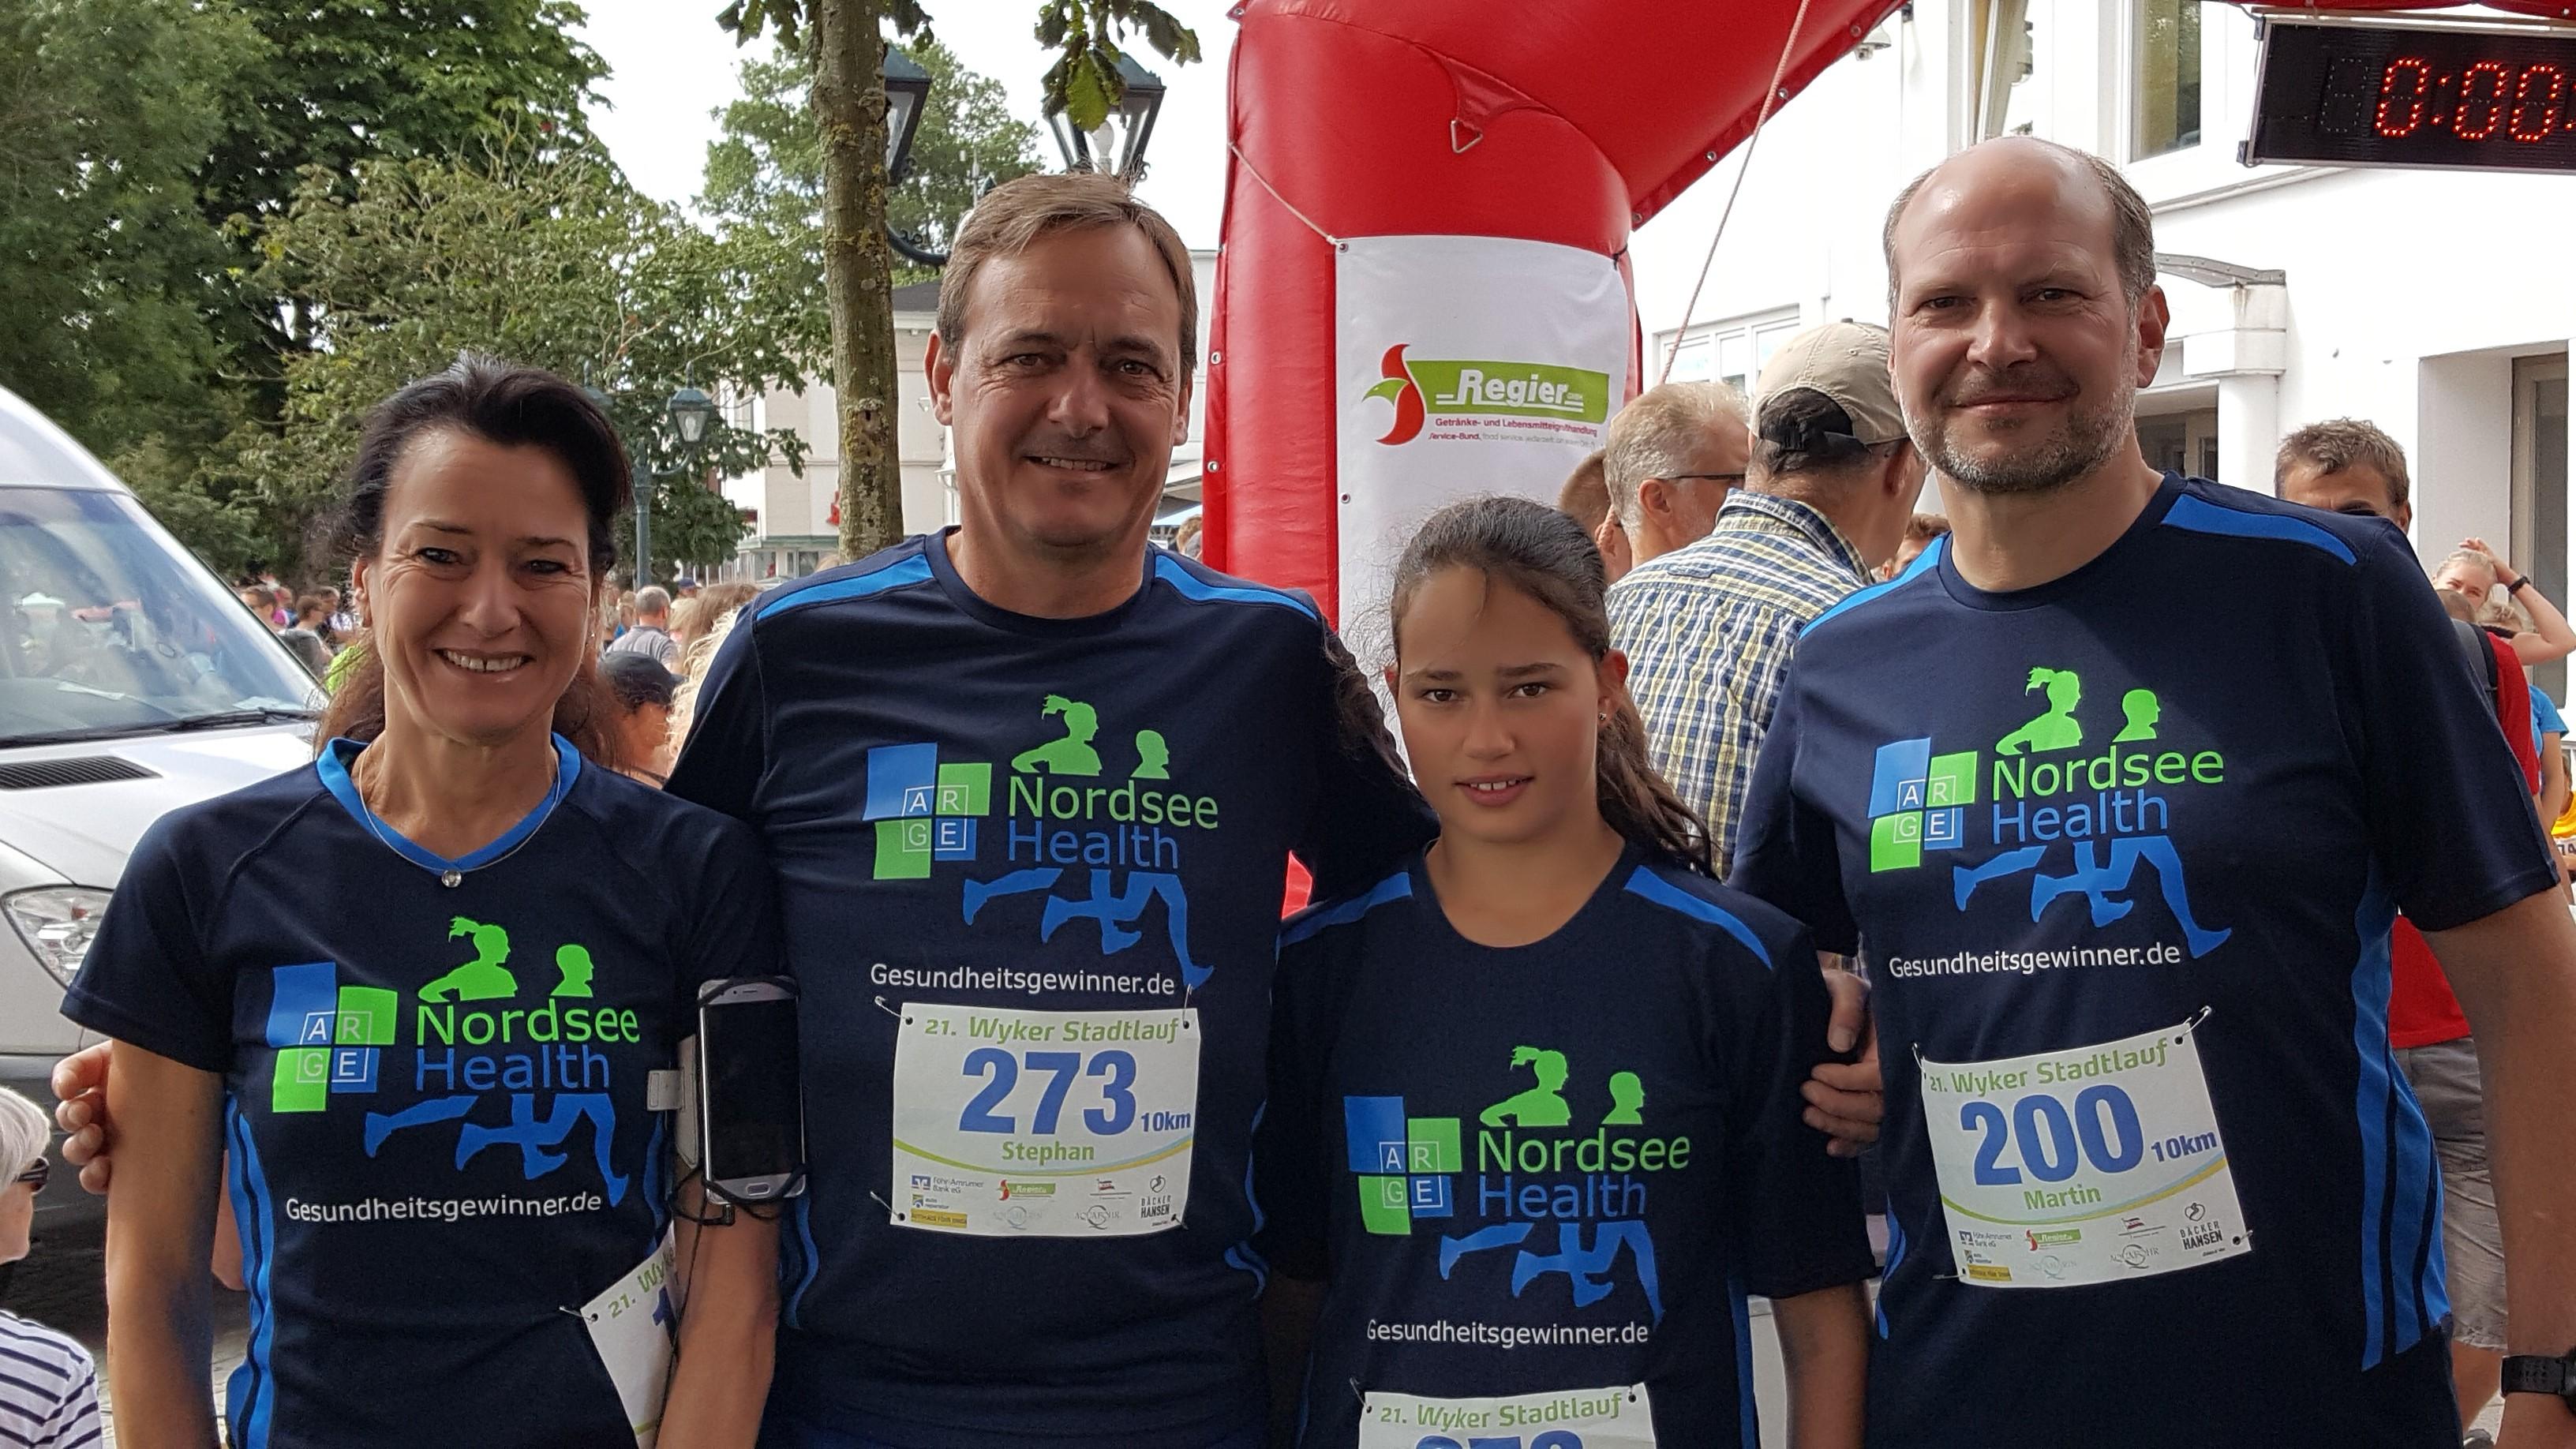 Die ARGE NORDSEE.HEALTH als Teilnehmer des 21. Wyker Stadtlaufs